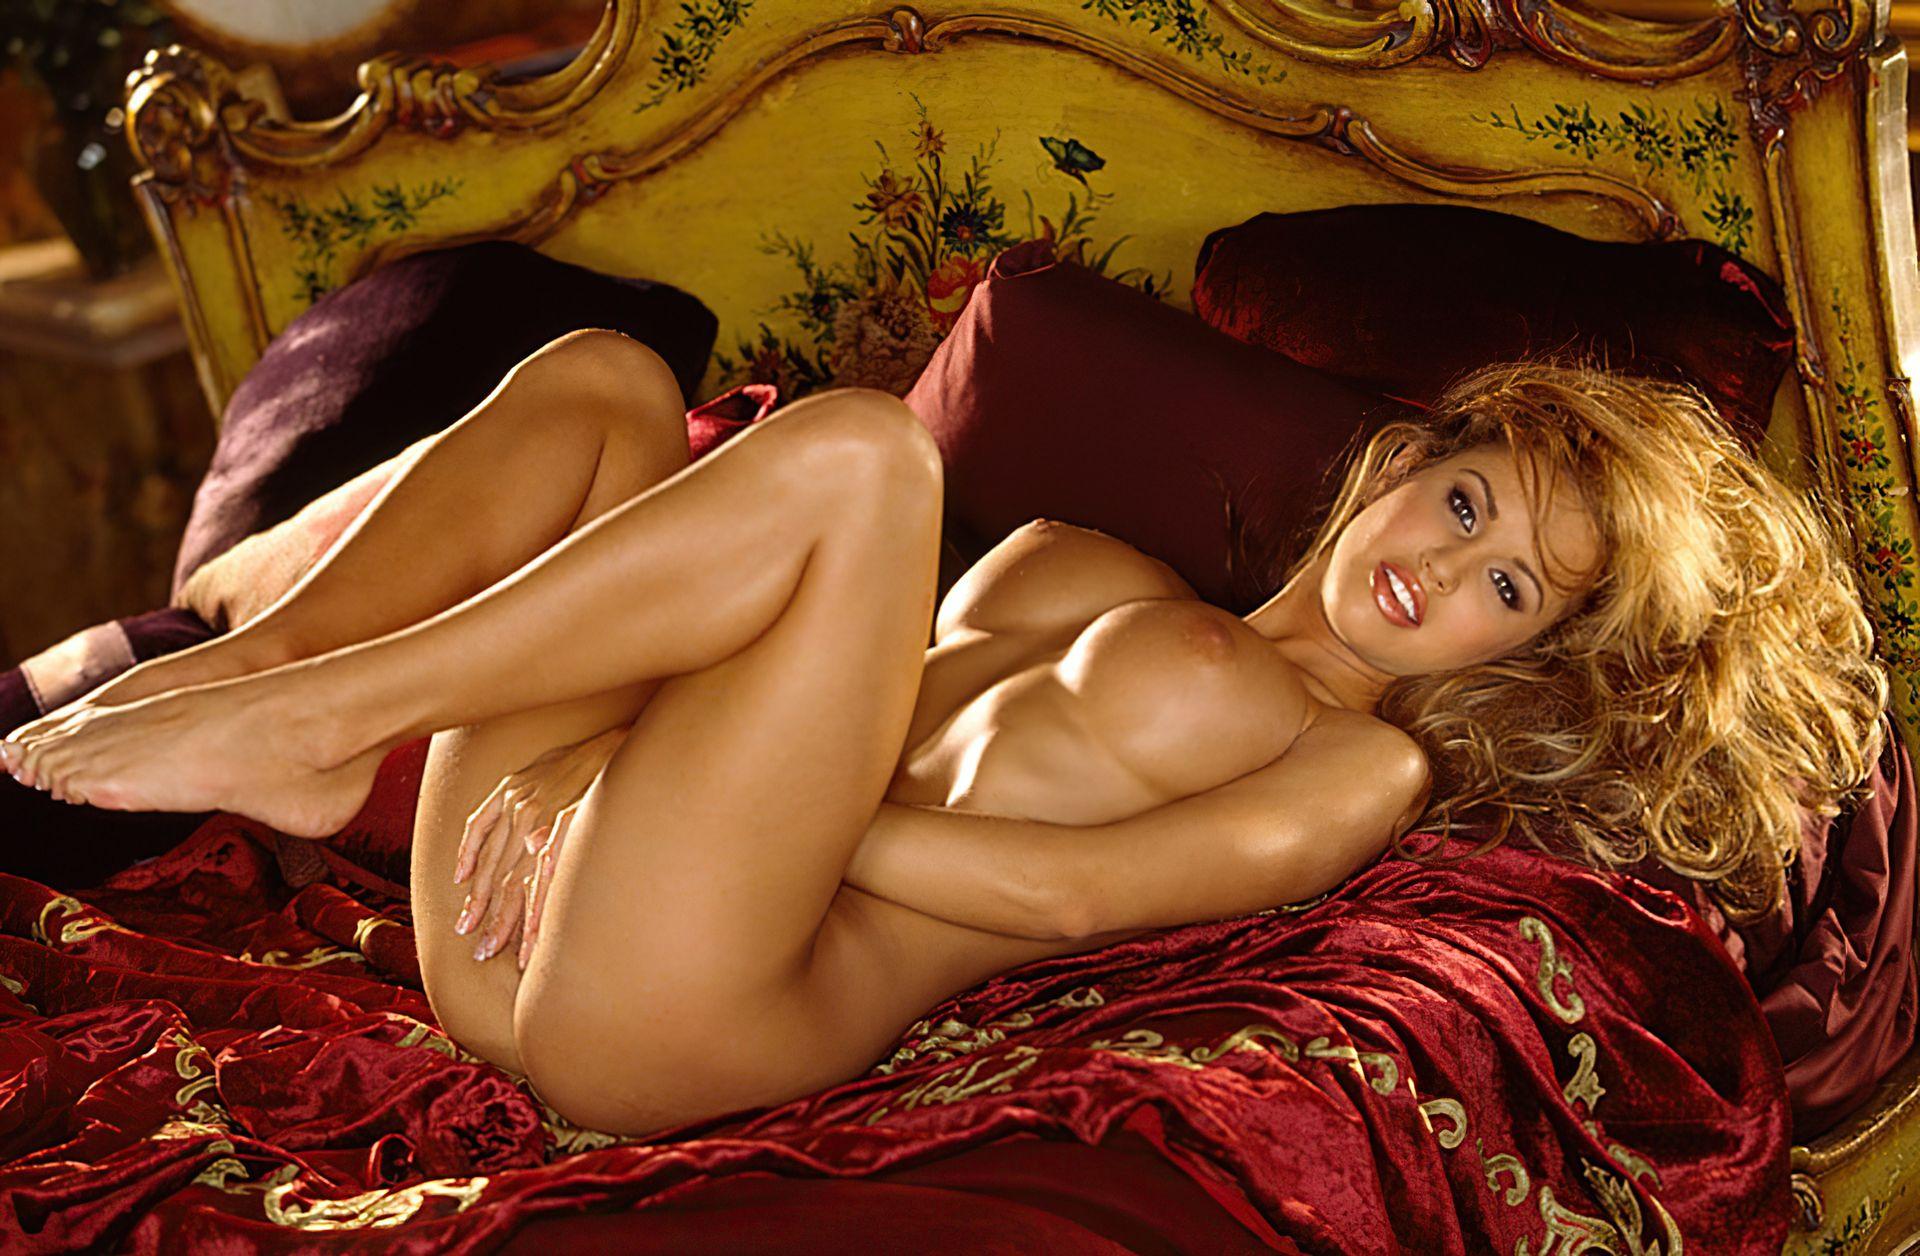 Jennifer walcott sex tape studs